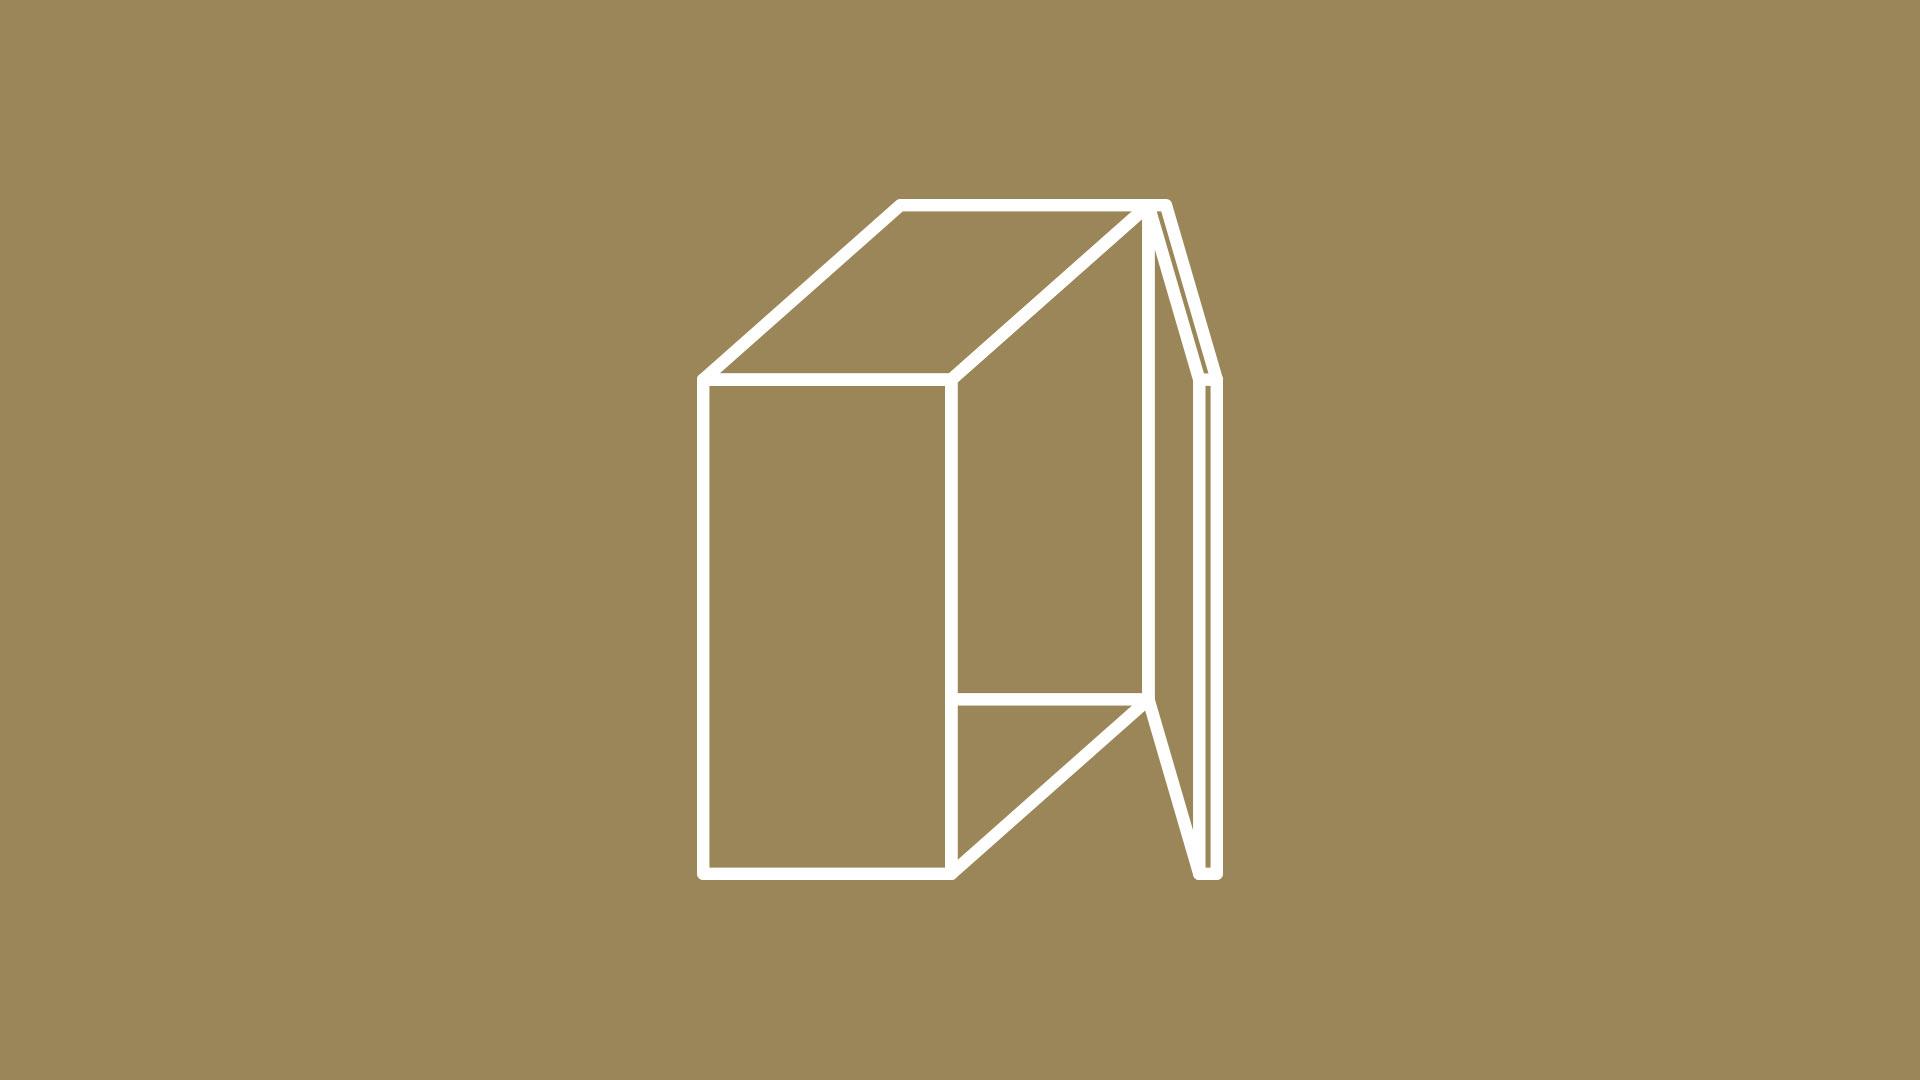 icone reflex open system 02 grafico milano 06 1